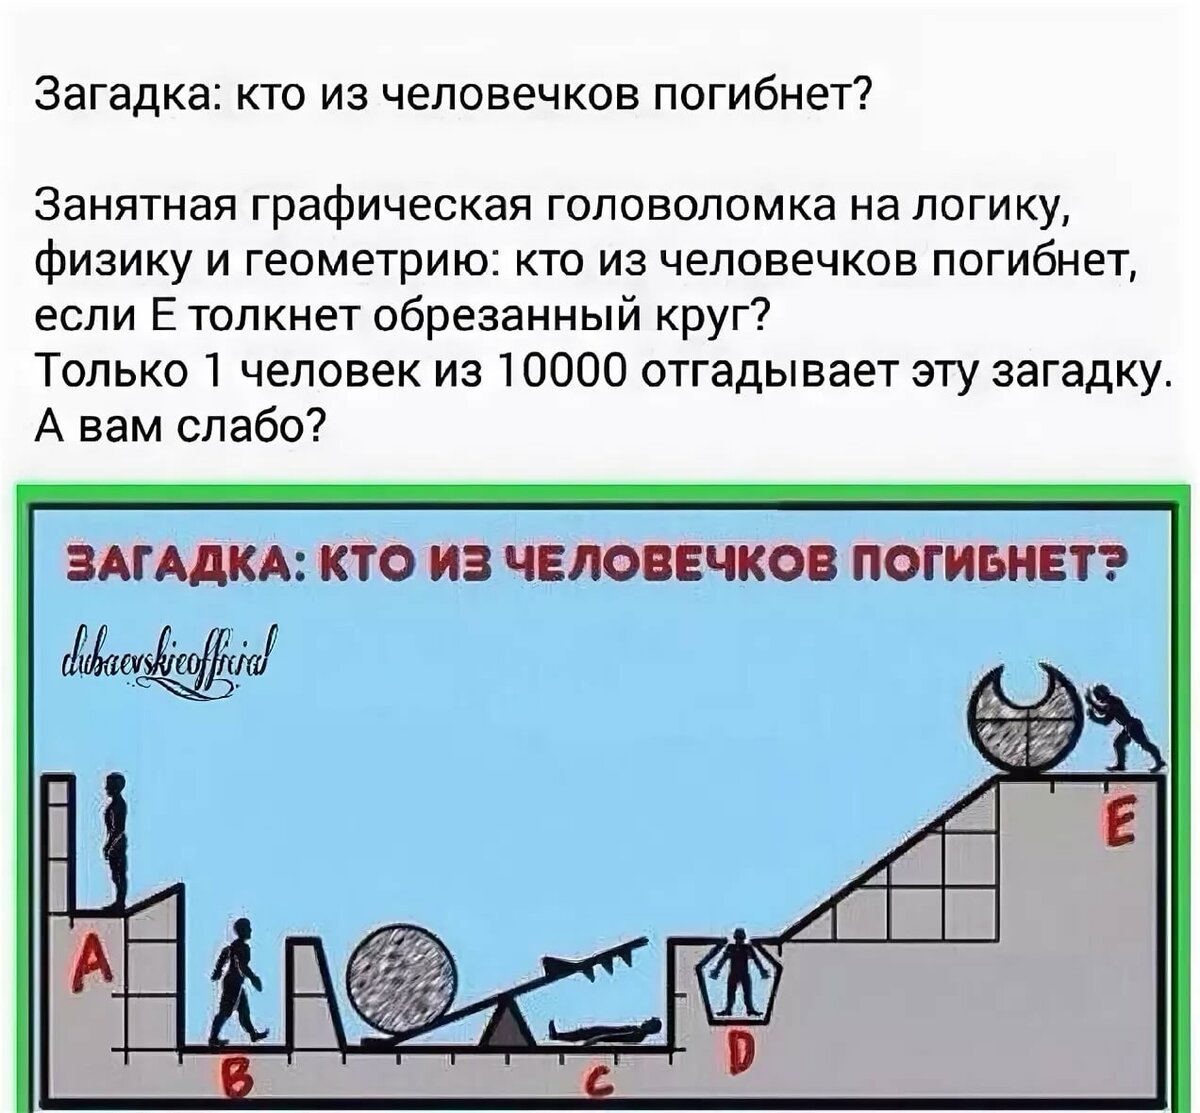 Загадки на логику для детей: 100 логических загадок